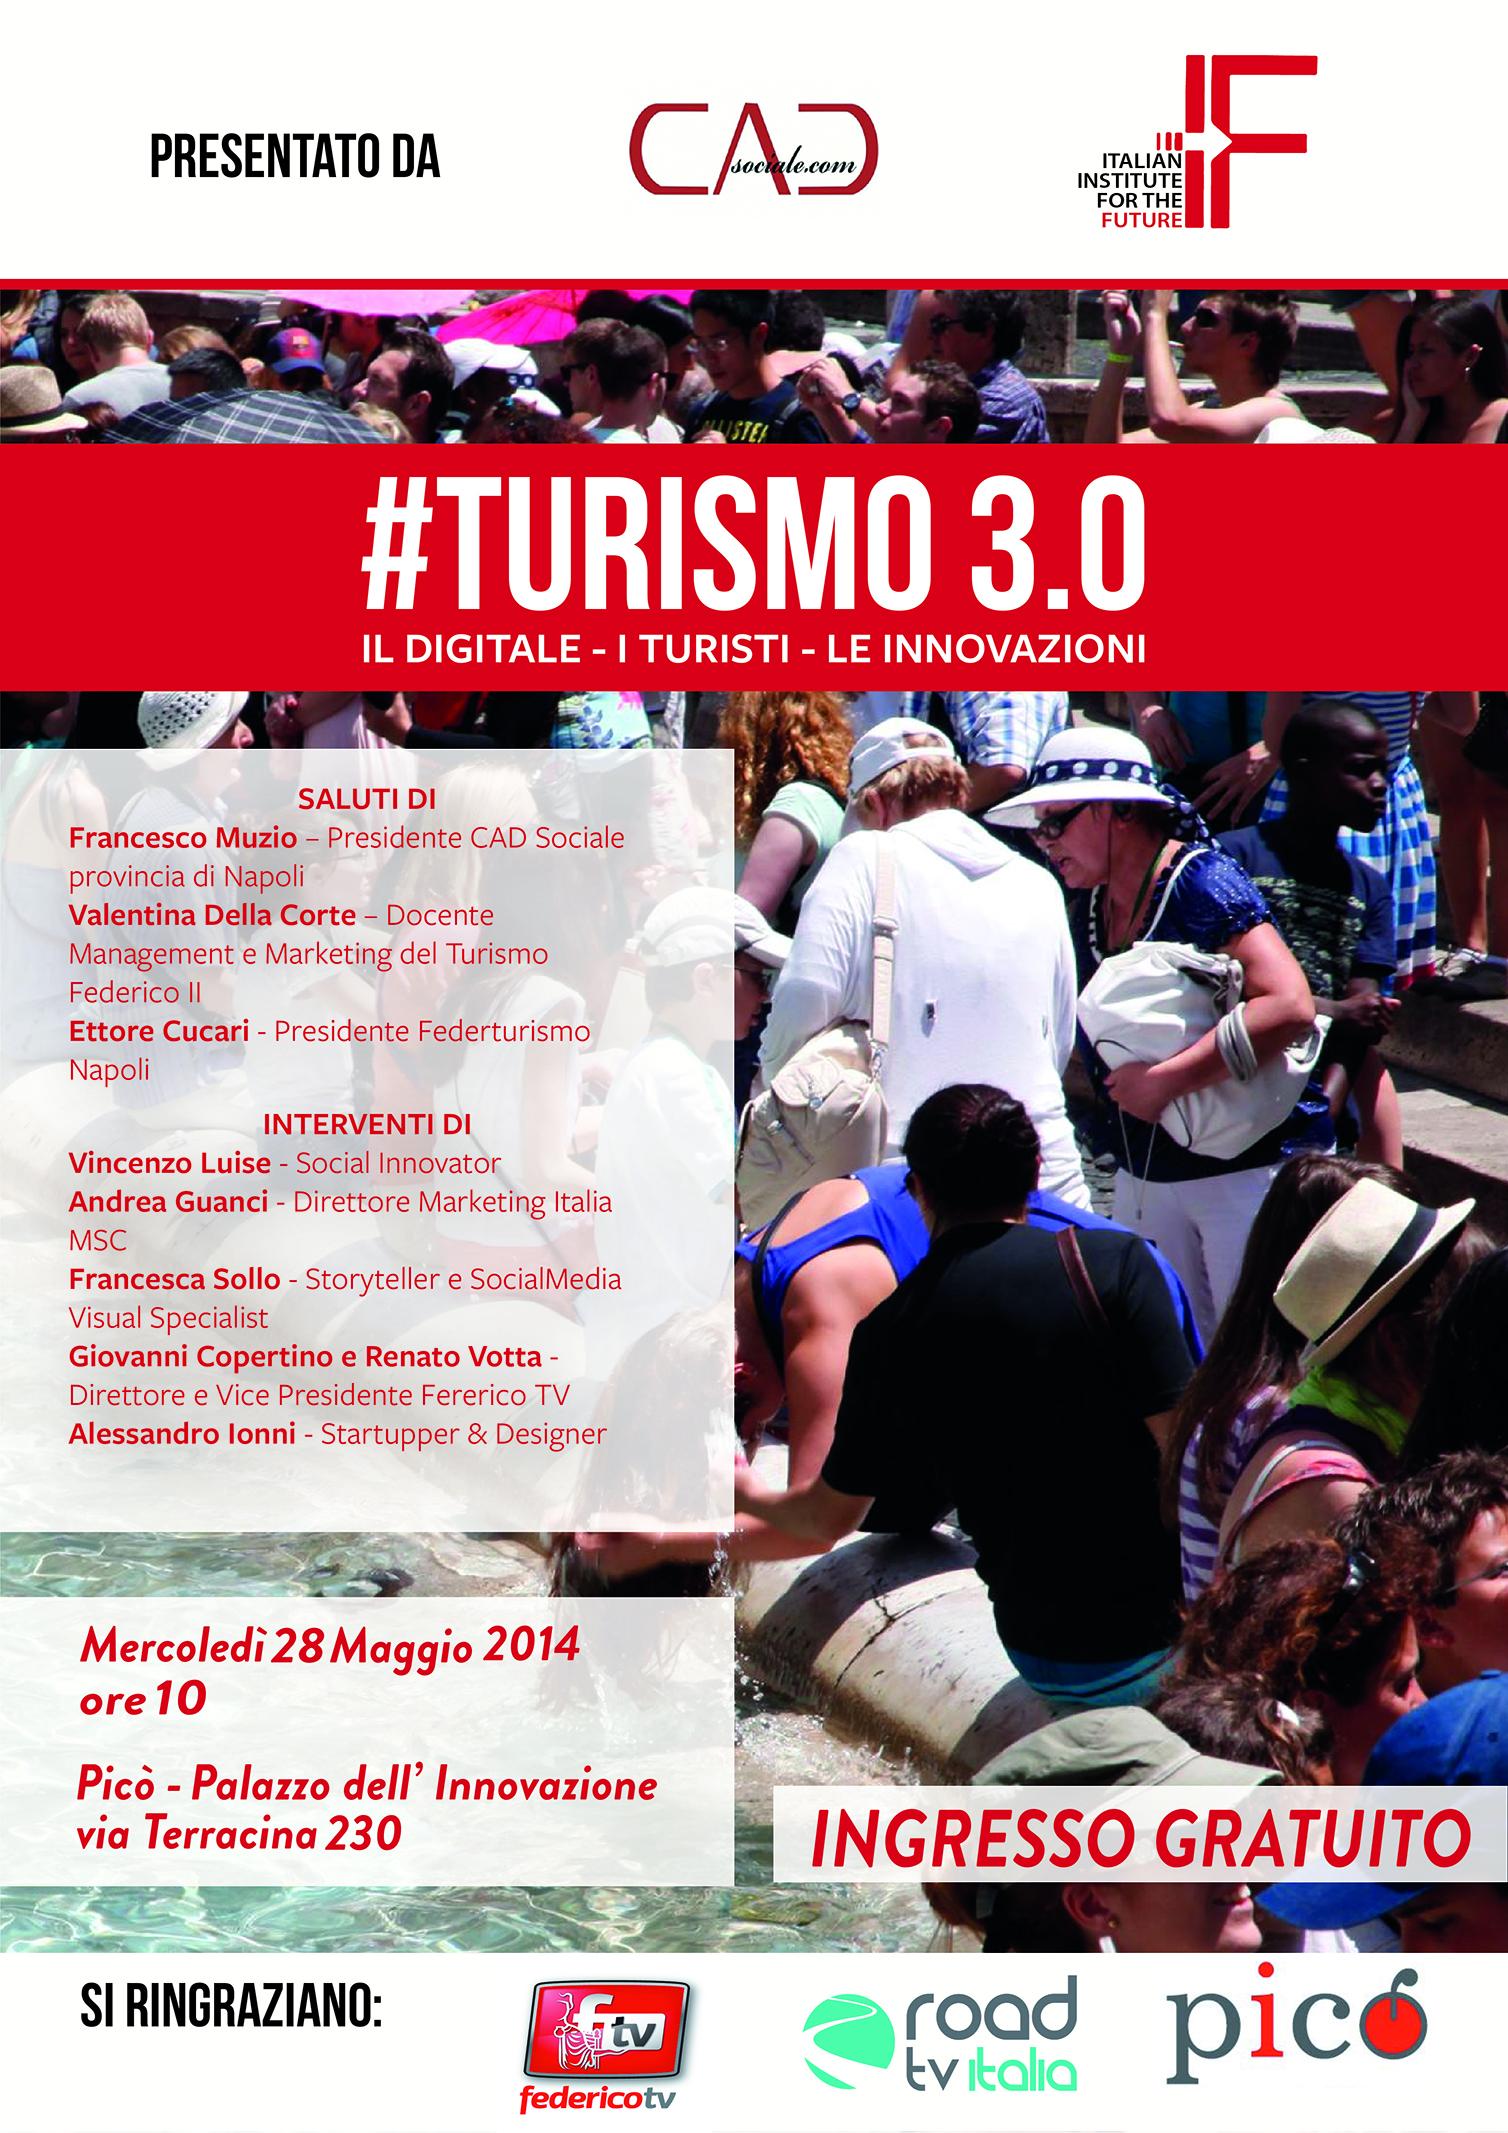 #Turismo 3.0: Il Digitale - I Turisti - L'Innovazione